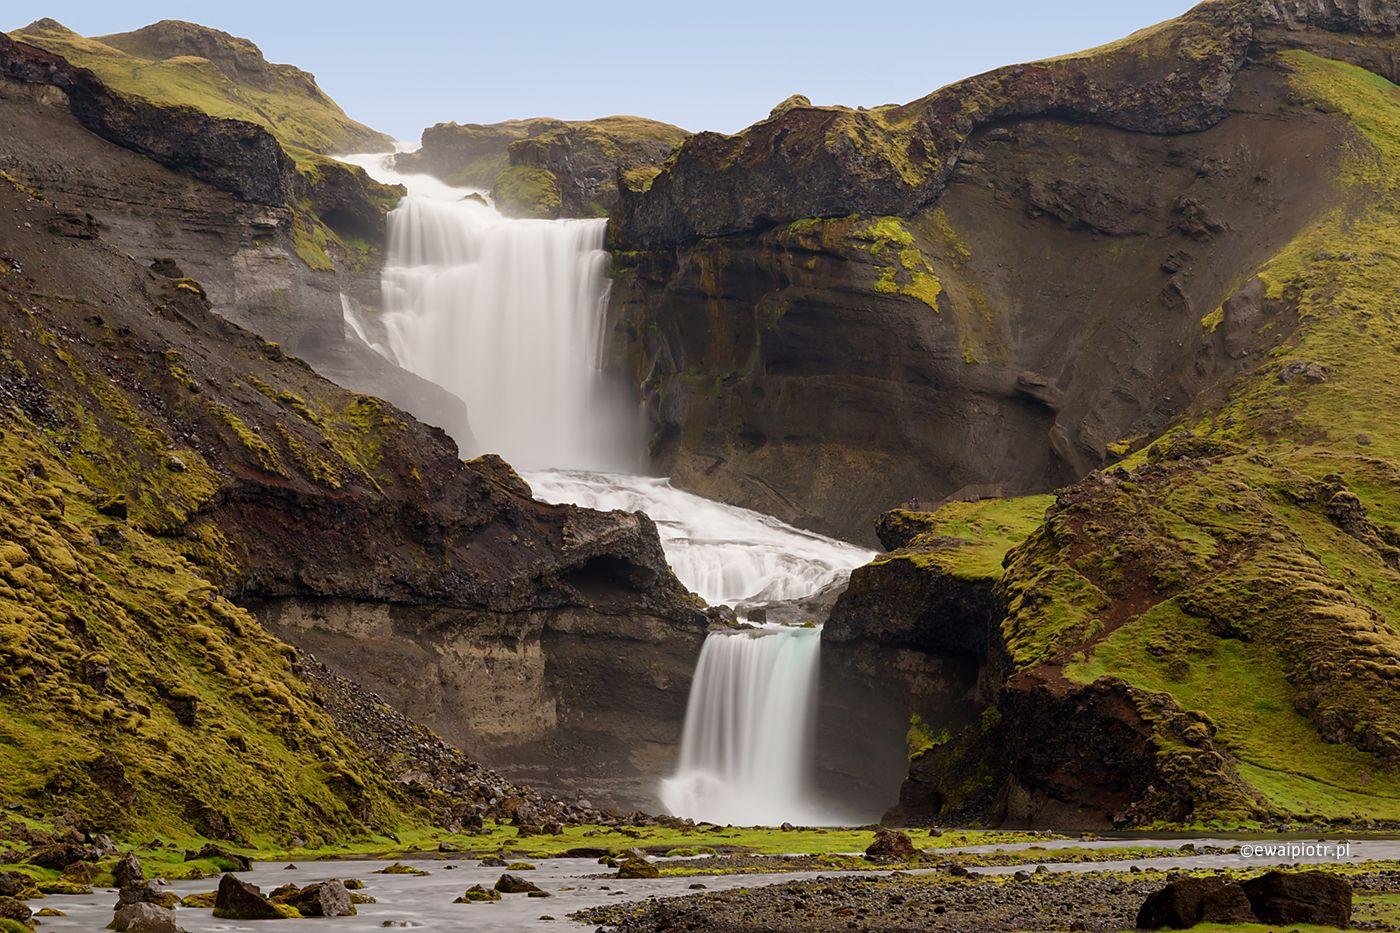 Wodospad Offaerufoss w dolinie Eldgja, Islandia, fotowyprawa